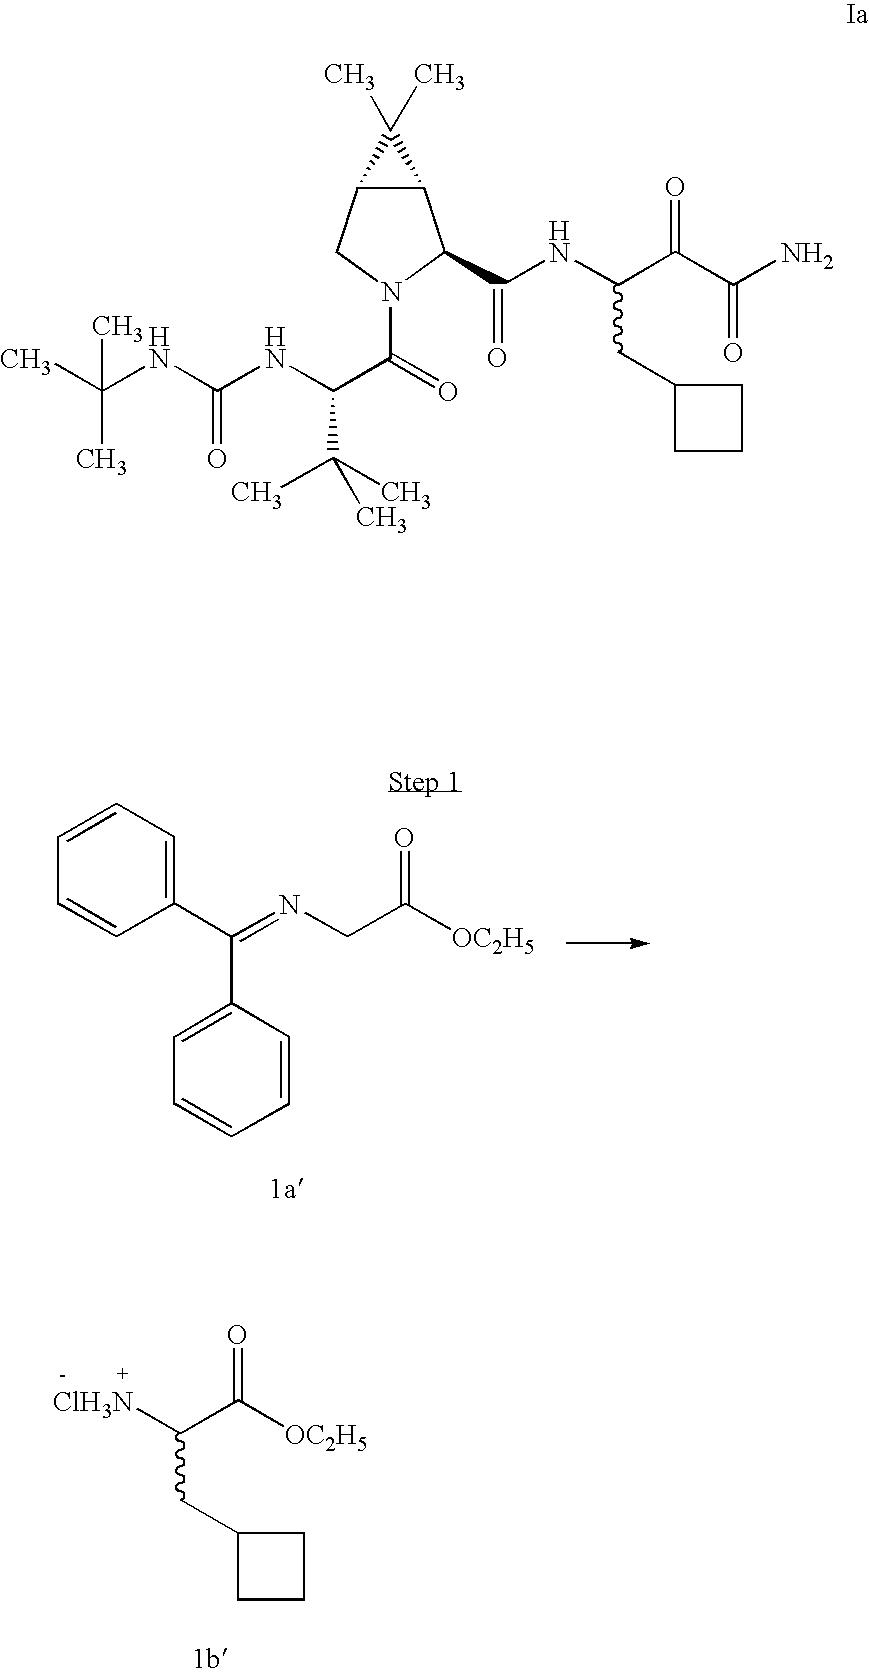 Figure US20060287248A1-20061221-C00641